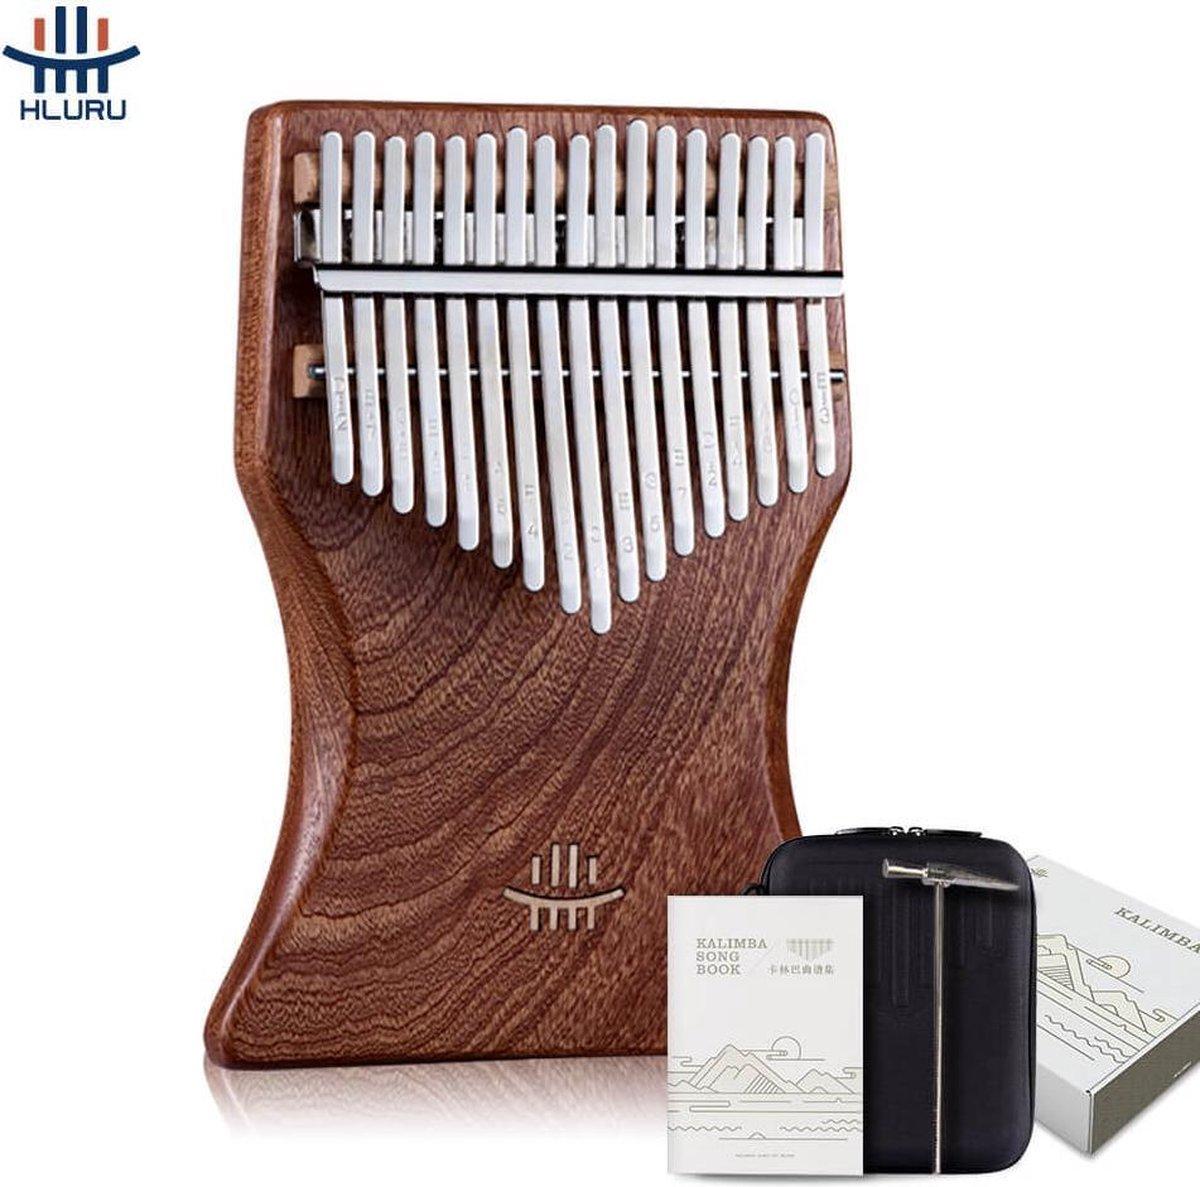 Kalimba - Duimpiano - Muziekinstrument - Muziekinstrumenten voor Kinderen &  Volwassenen